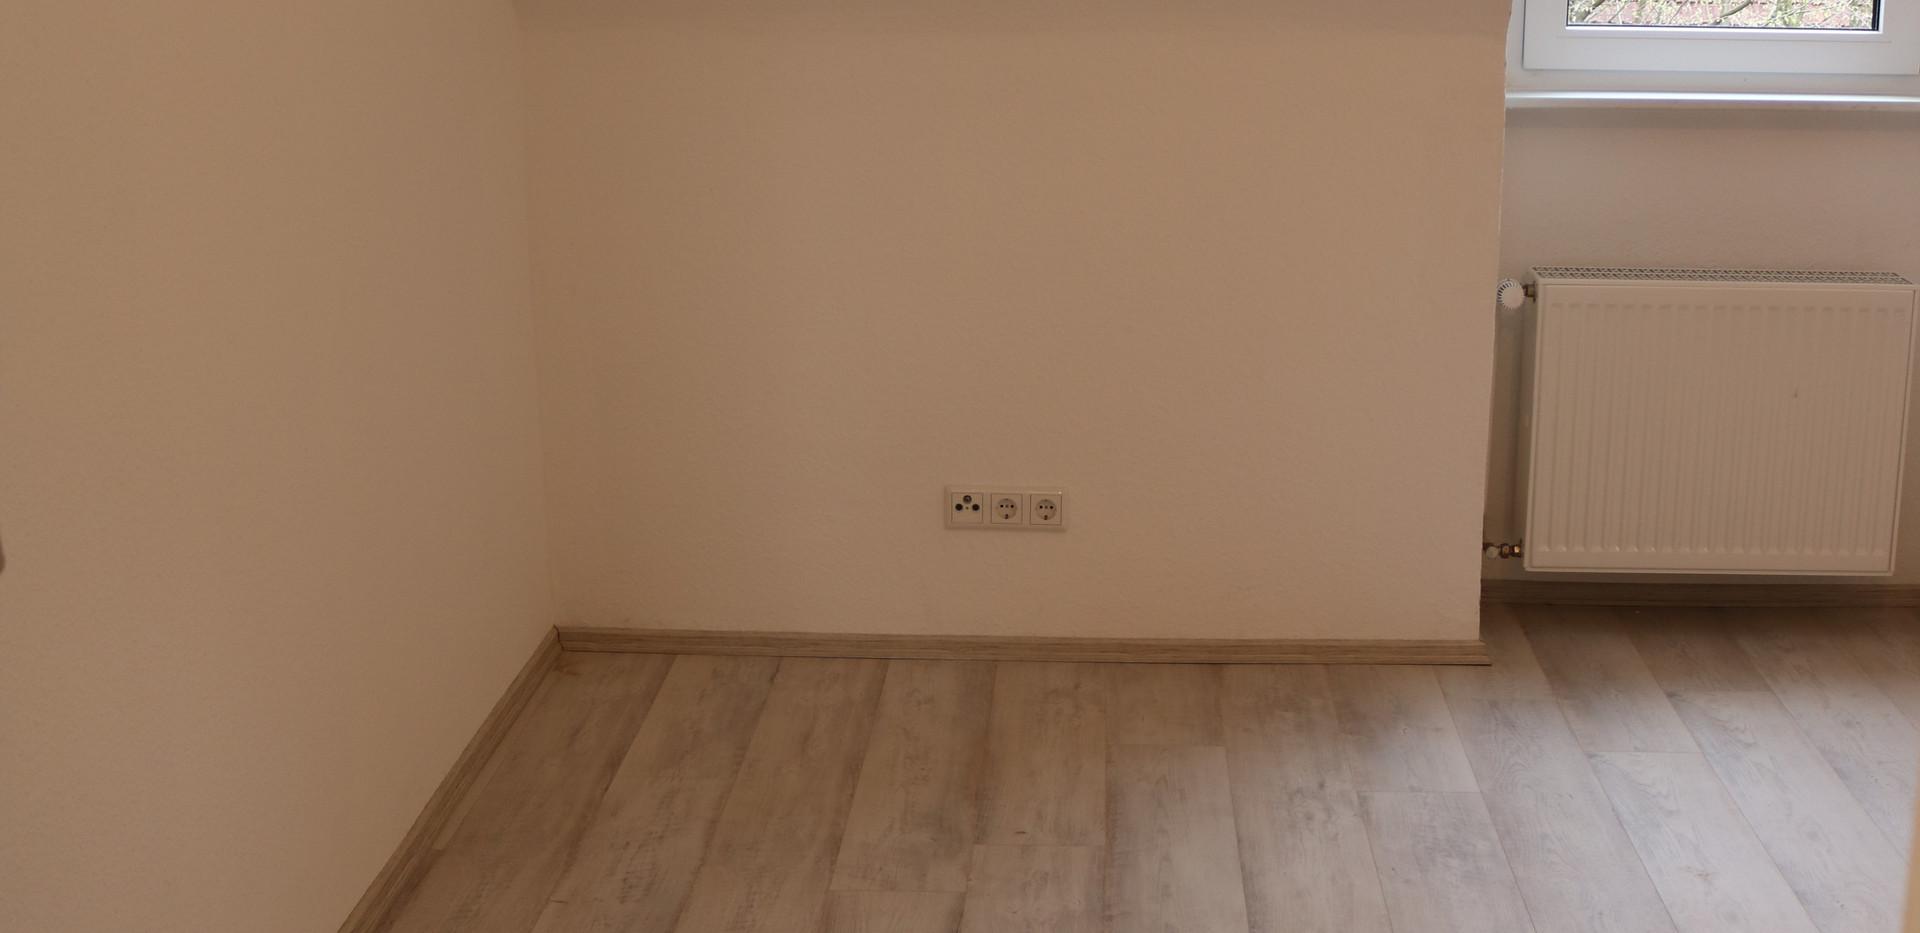 Modernisierte 2 1/2 Zimmer-Wohnung im gepflegten Mehrfamilienhaus